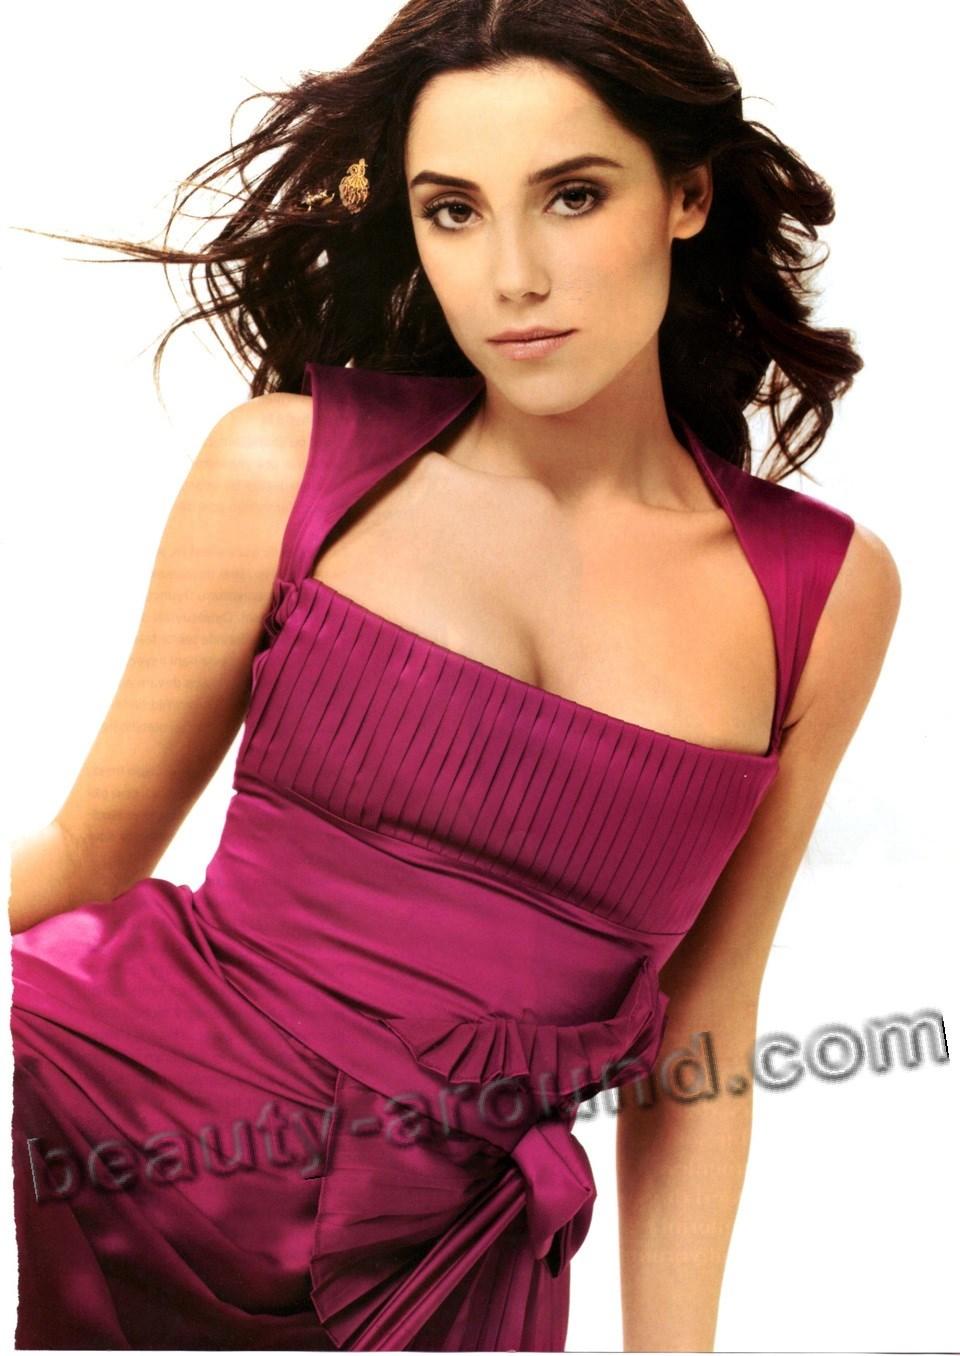 Джансу Дере в красивом платье фото